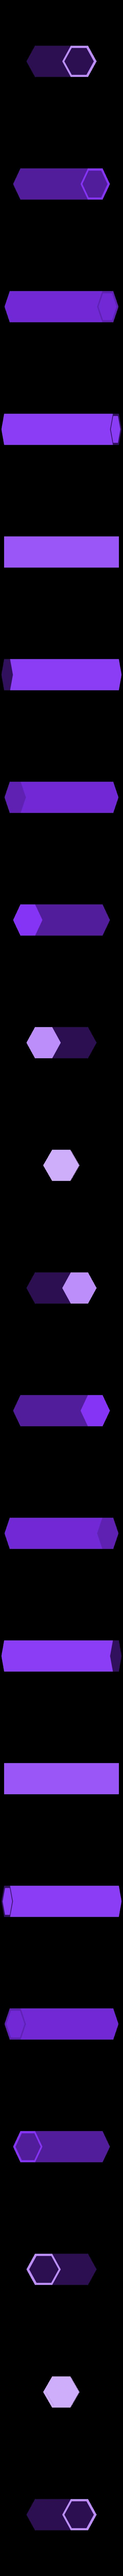 Box_Box.stl Télécharger fichier STL gratuit boîte nid d'abeille pour tonillos & Box • Plan pour impression 3D, Gonzalor